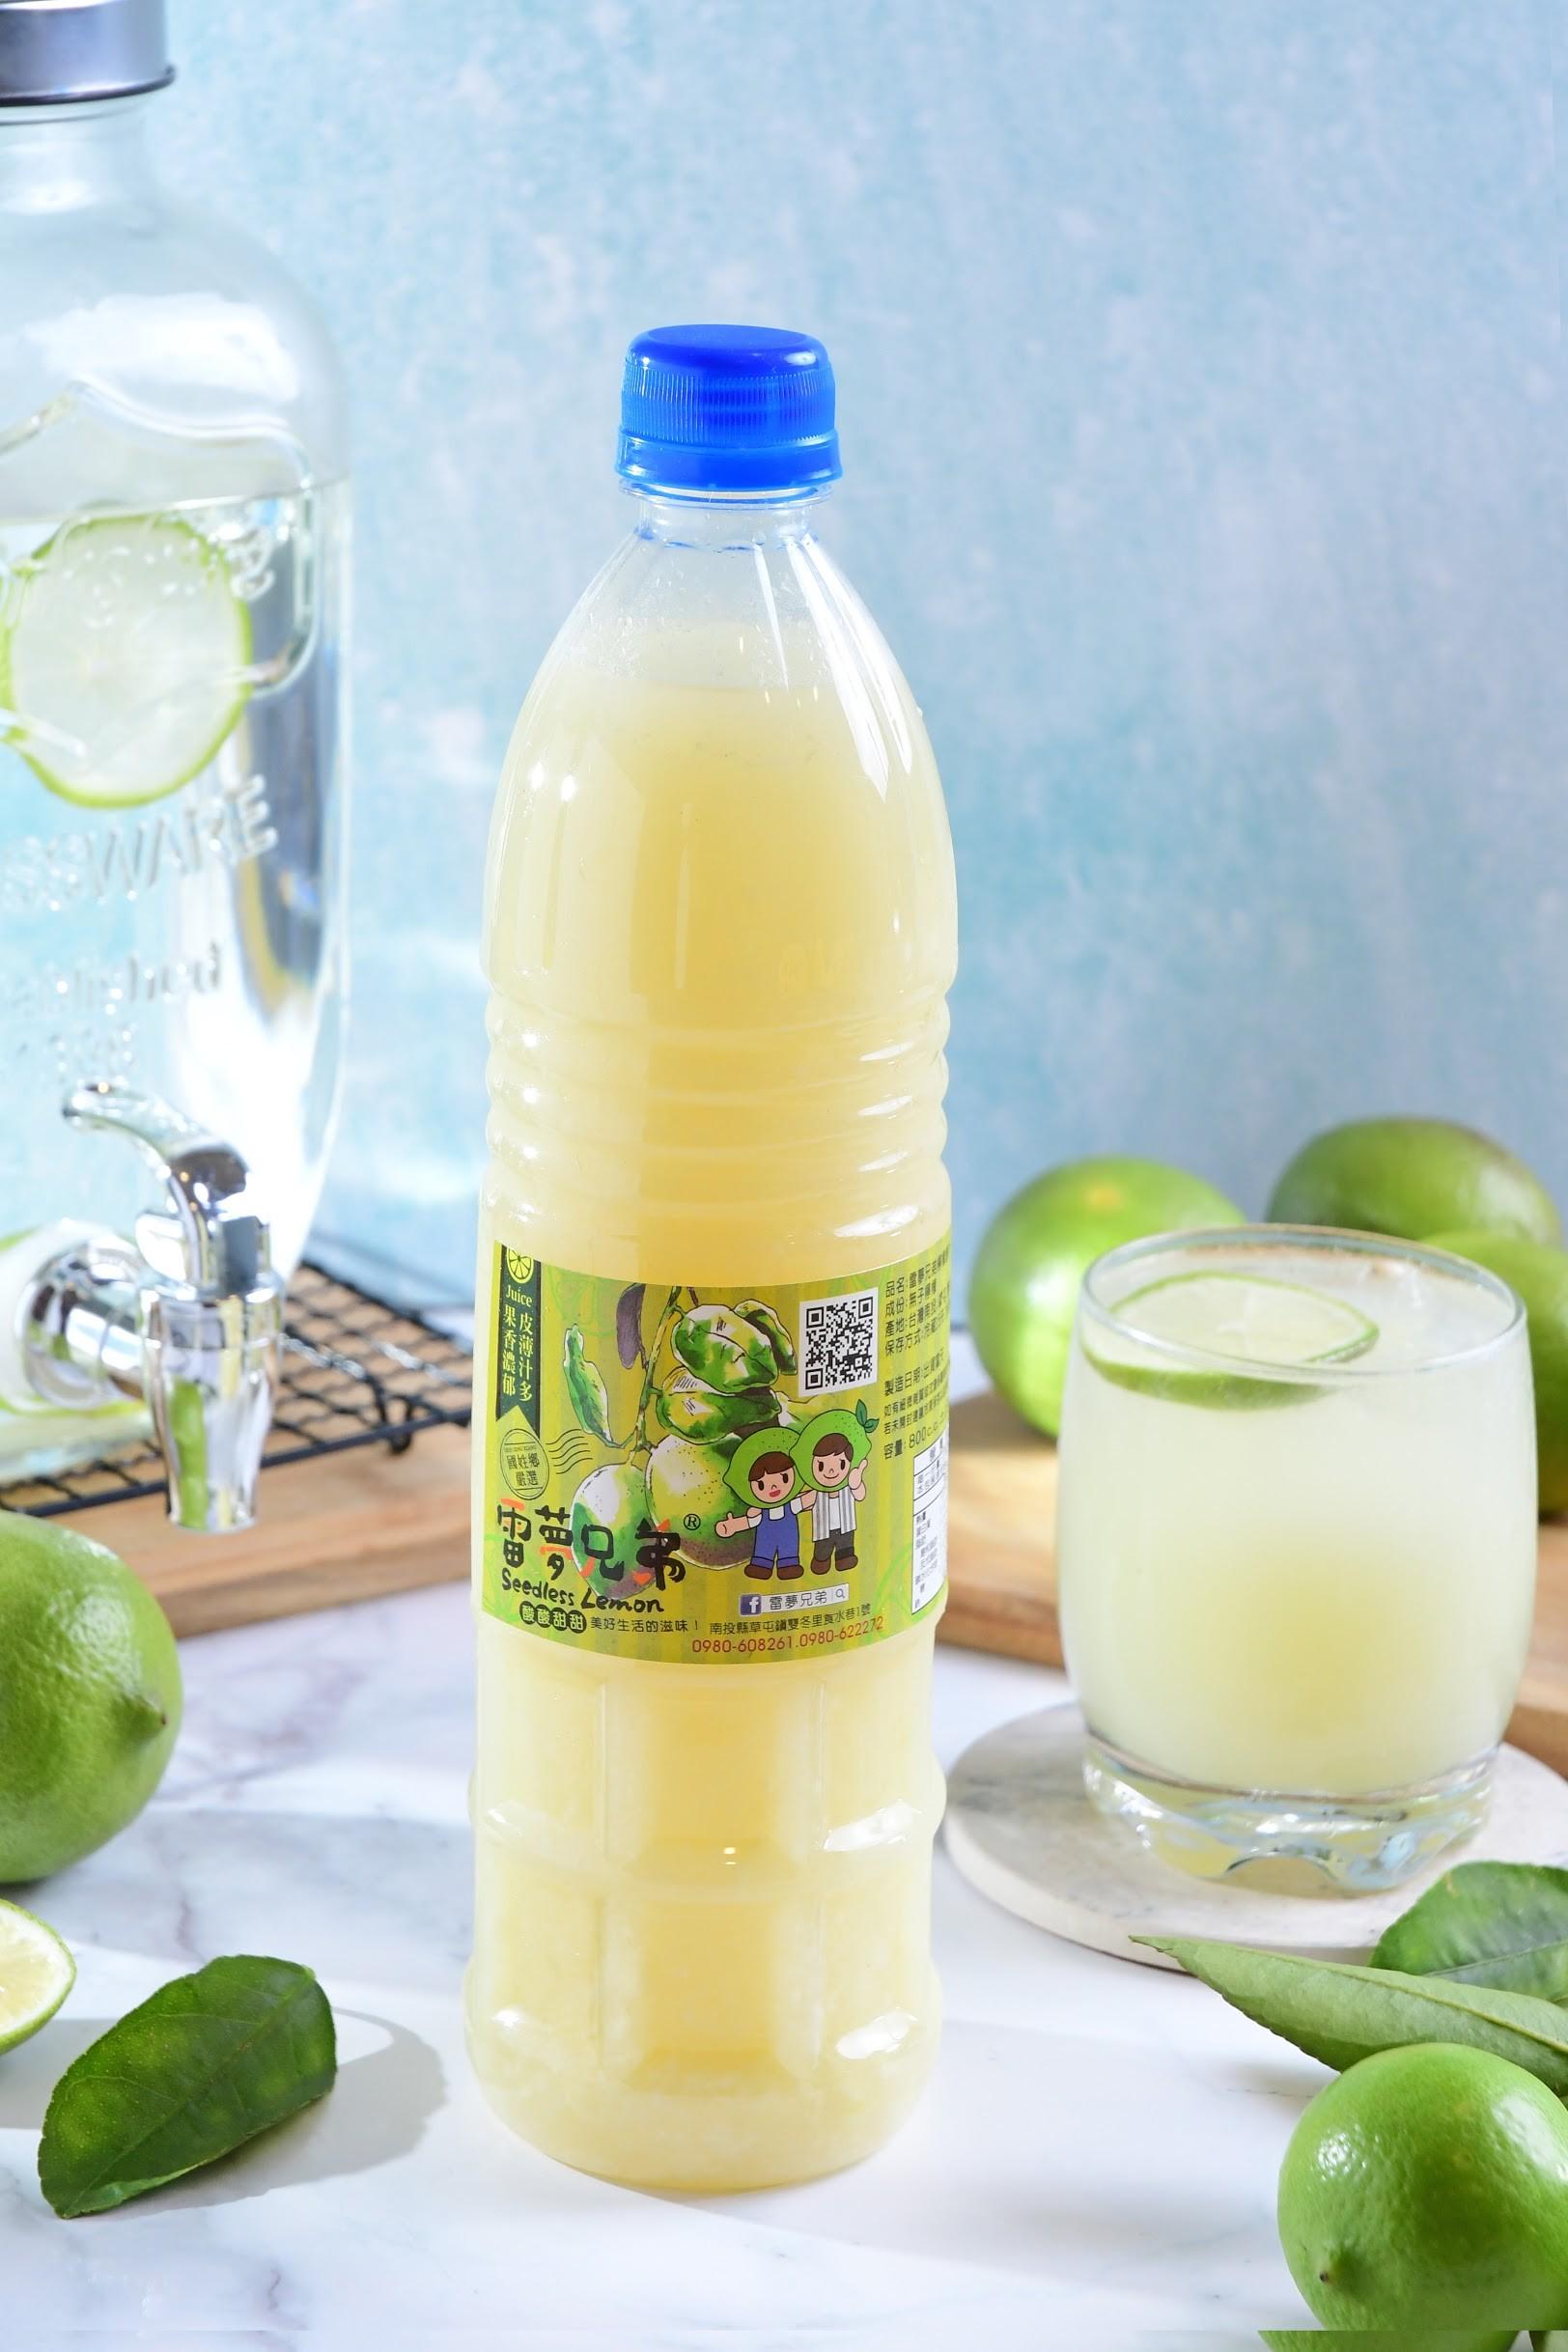 感恩回饋結帳輸入折扣碼「IU205AQRTSRP」,在打【85】折-【免運費】特價無毒檸檬原汁 | 鮮檸檬汁 | 檸檬汁 | 檸檬水 | TLS全新生活800cc(12瓶)【塑膠瓶裝】